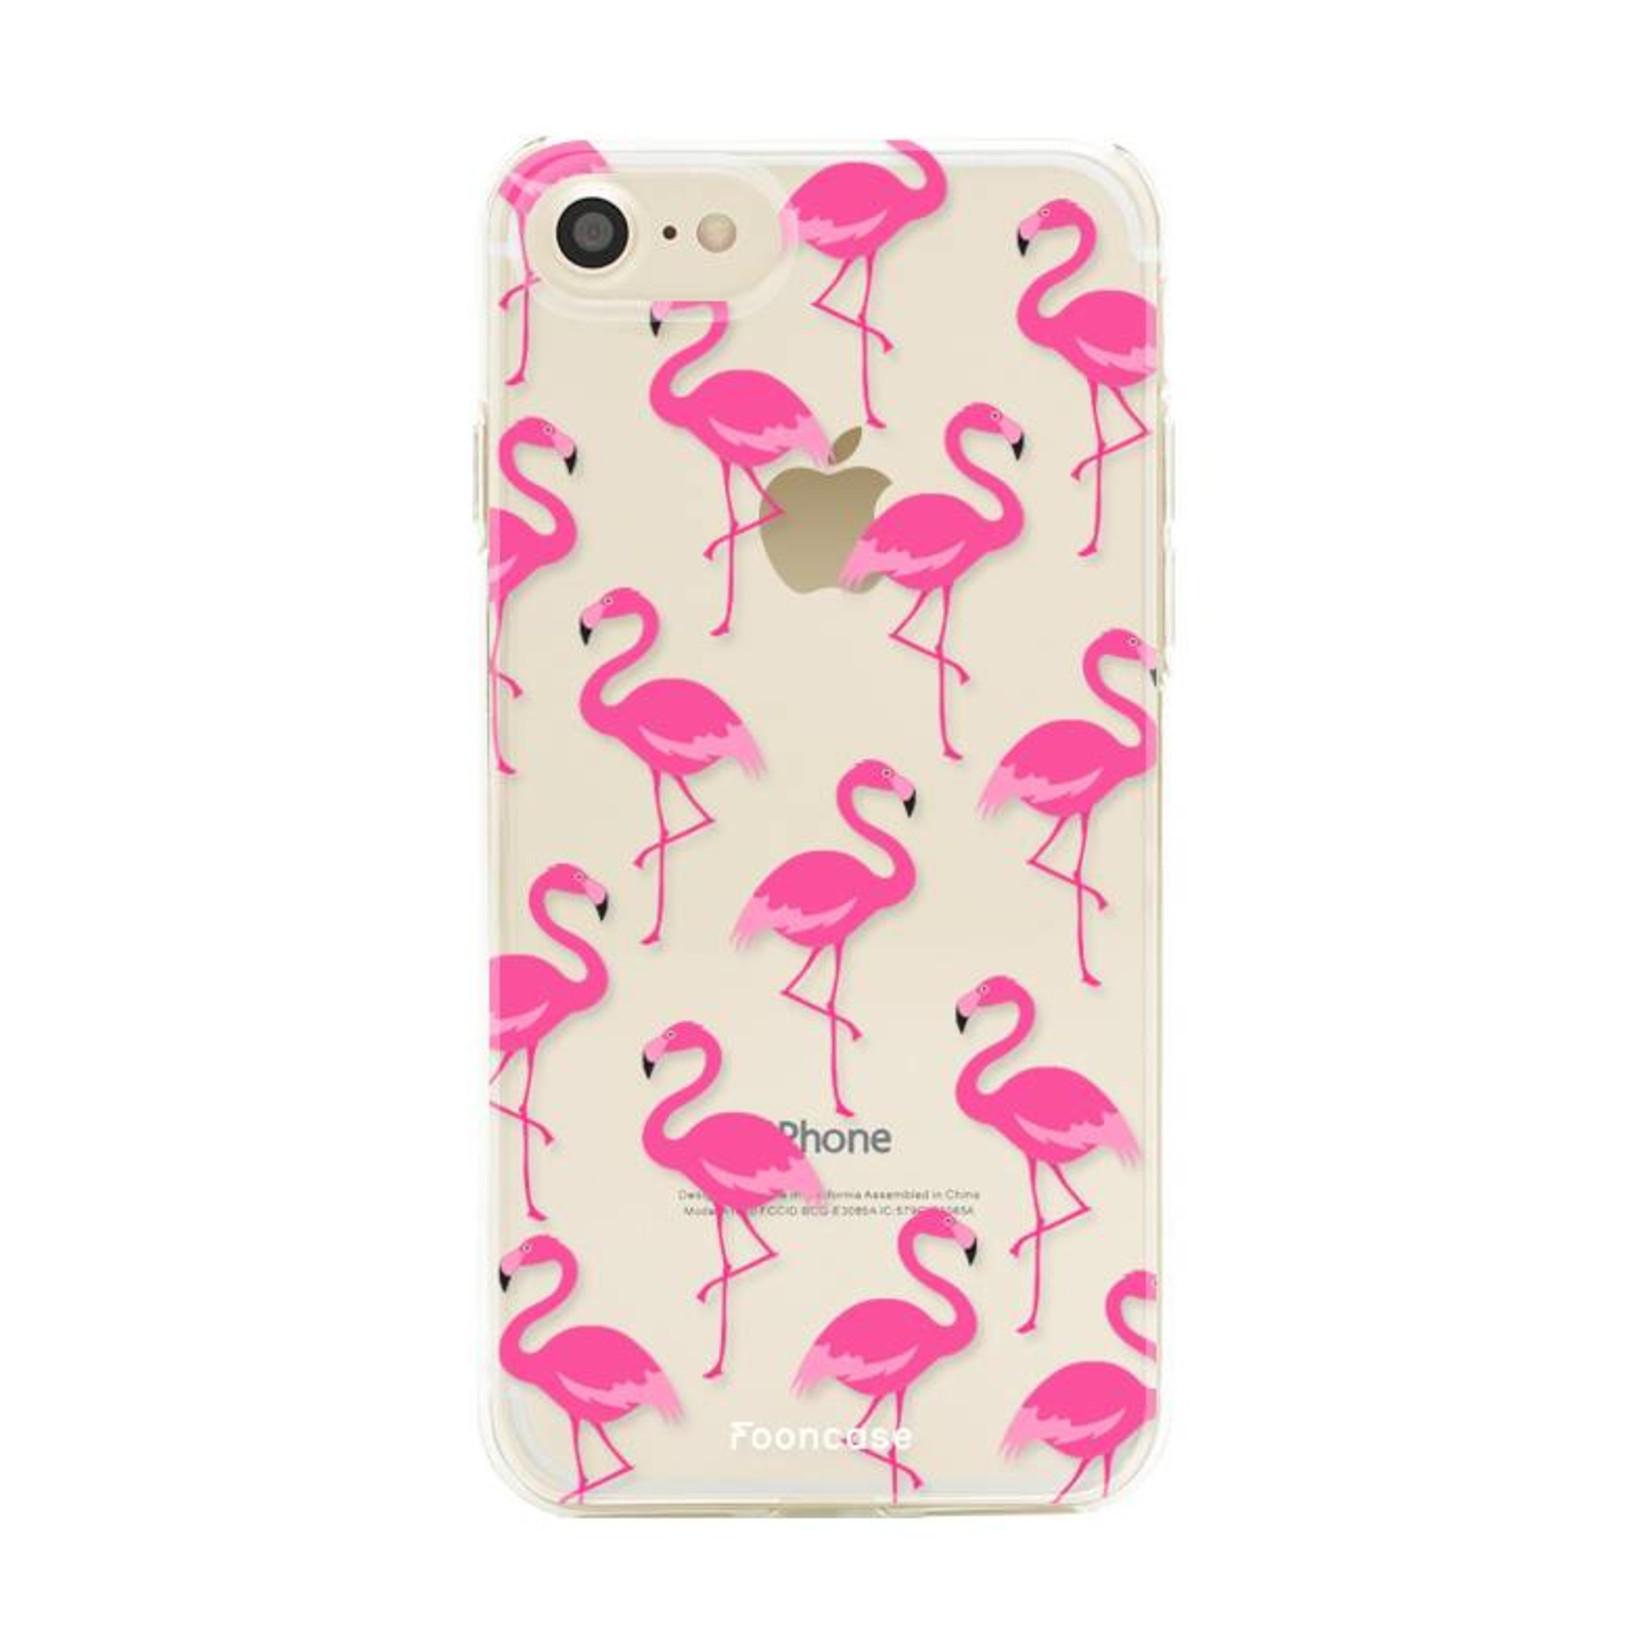 FOONCASE Iphone 8 Handyhülle - Flamingo